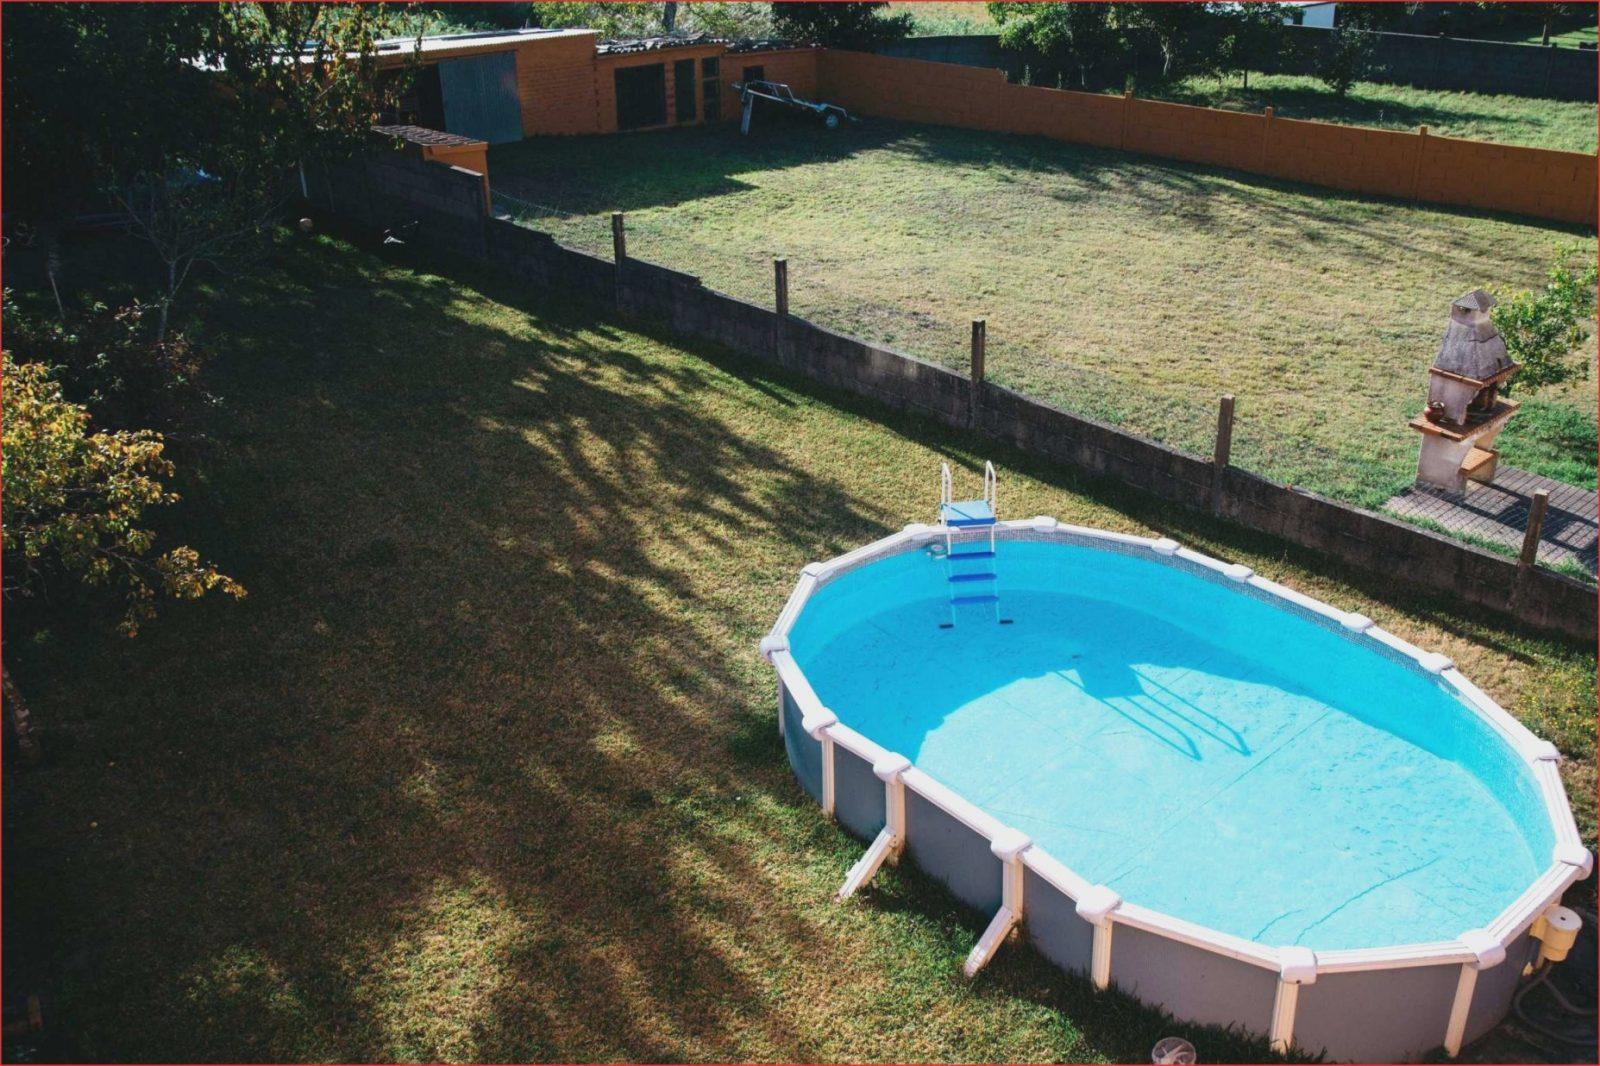 Kleiner Pool Im Garten Selber Bauen Terrasse Garten A59R Konzept Für von Kleiner Pool Im Garten Selber Bauen Photo